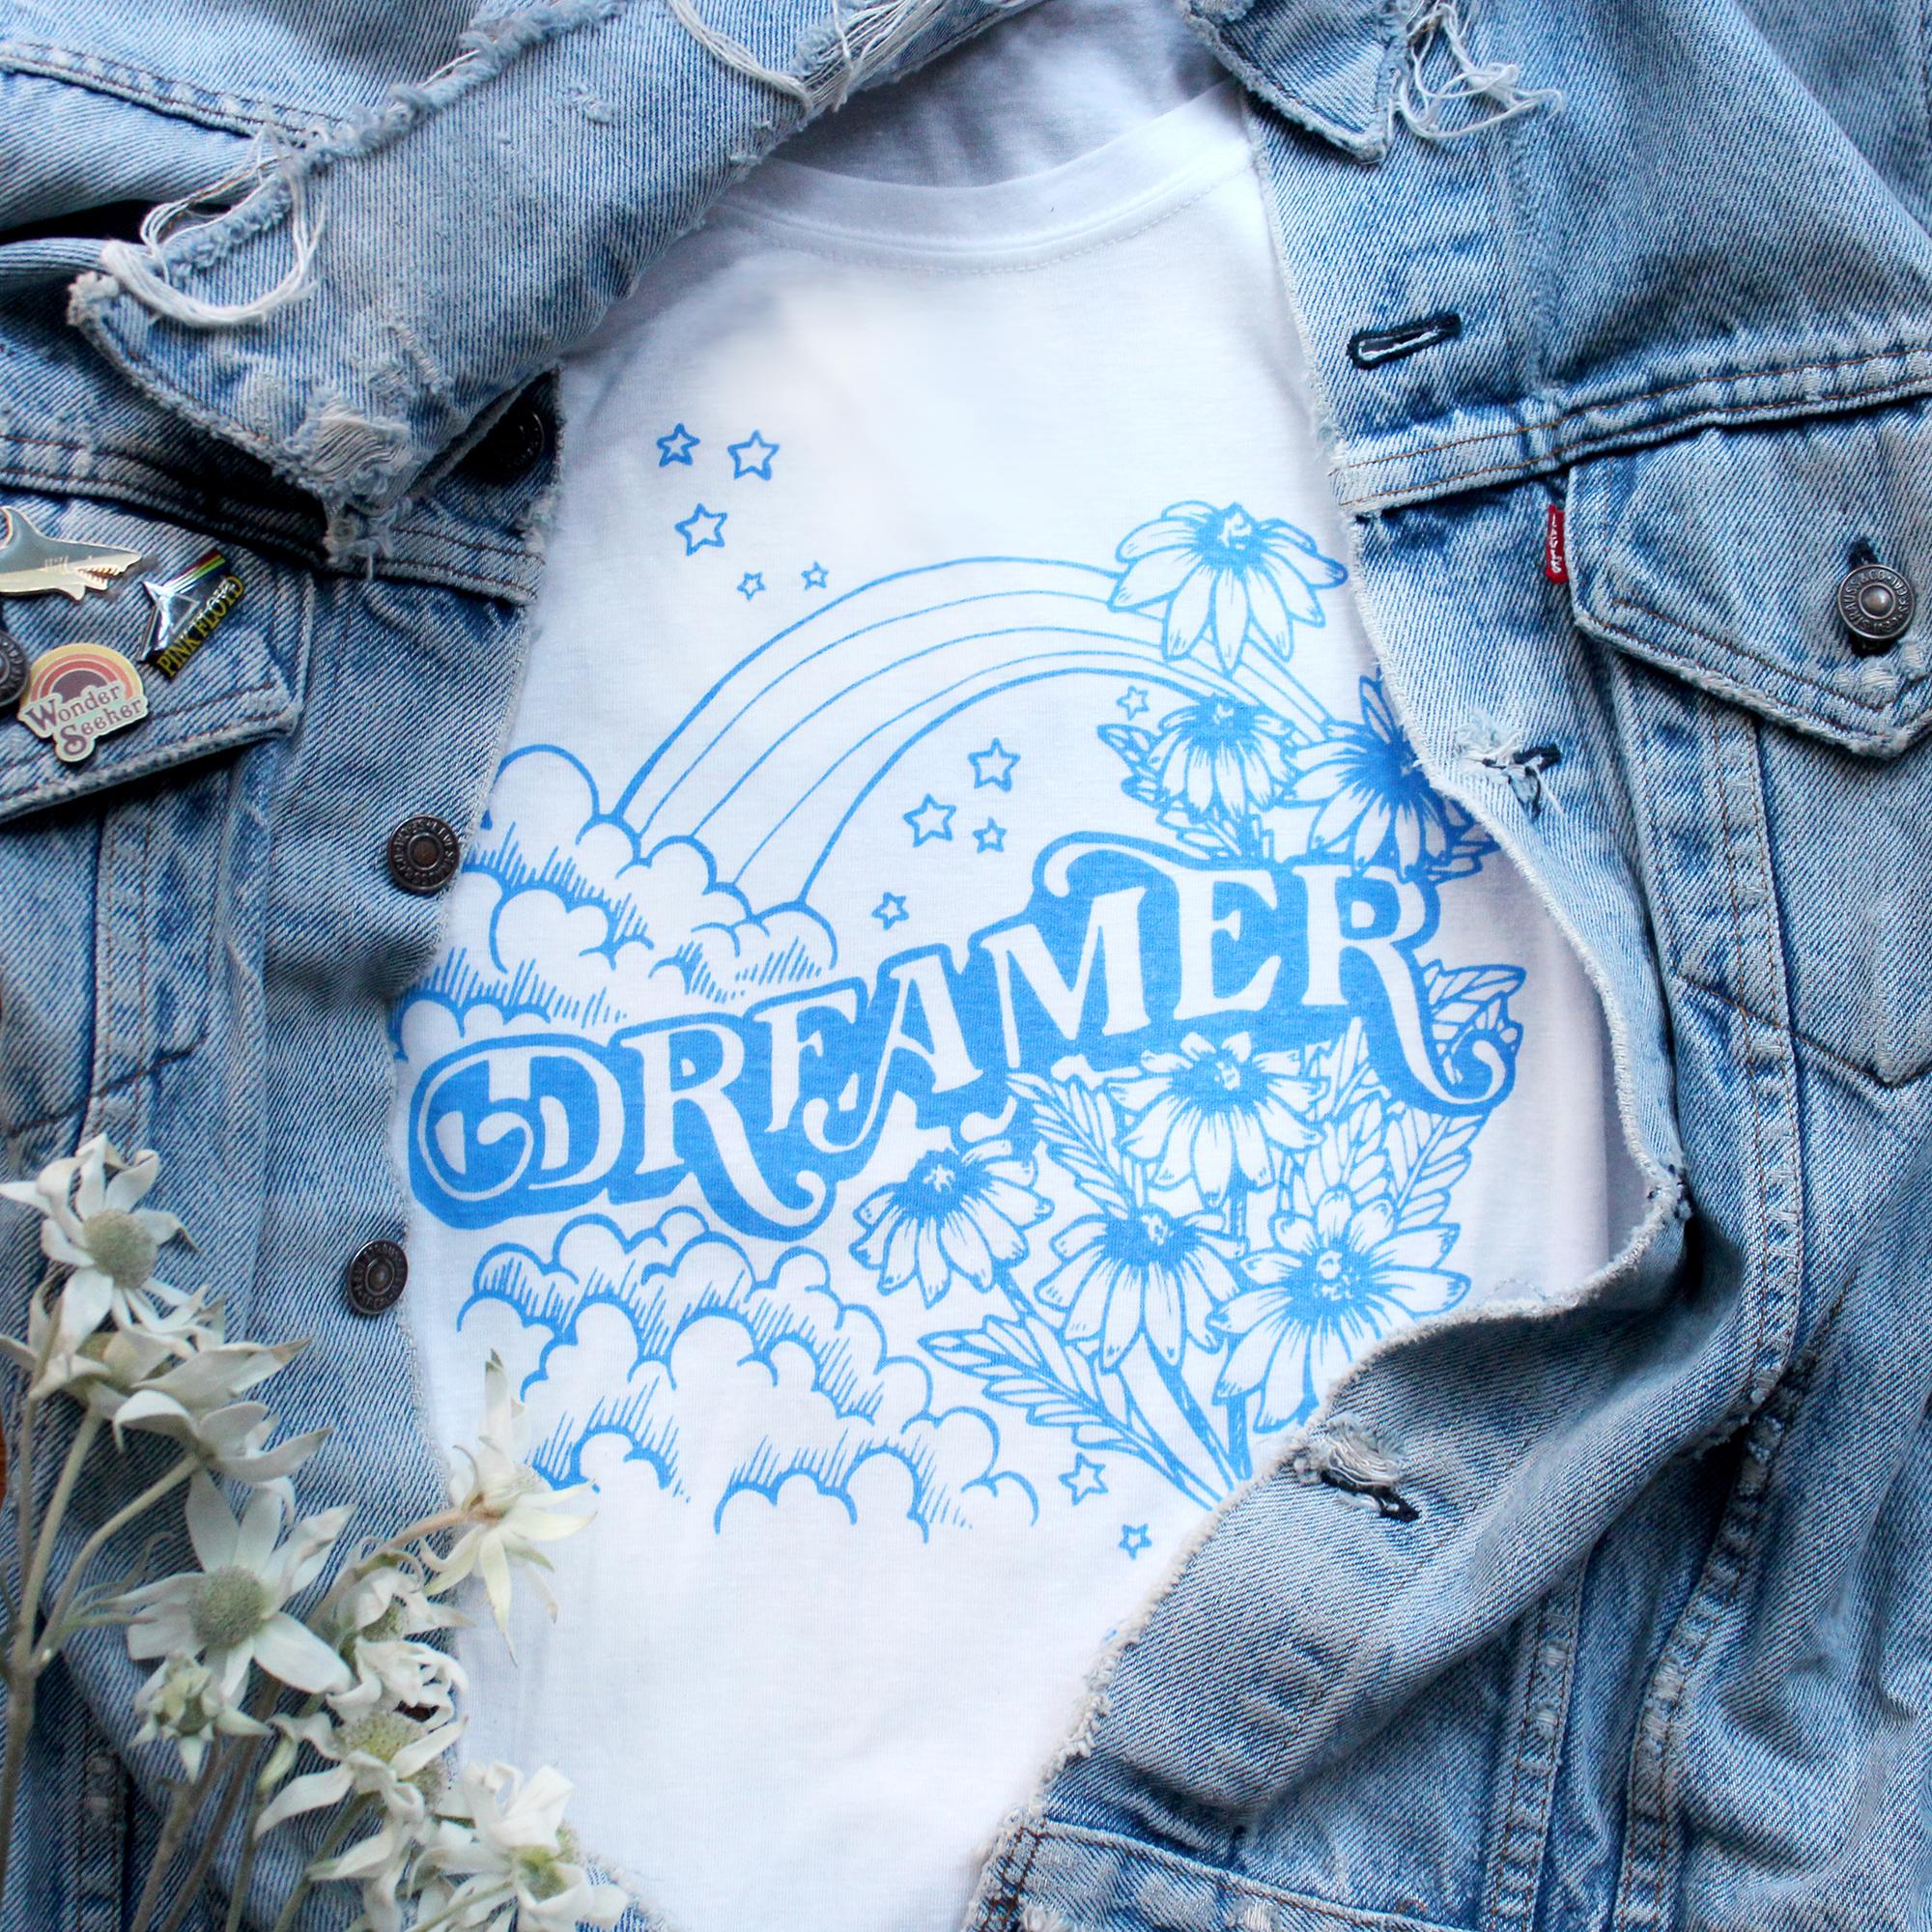 dreamer.jpg